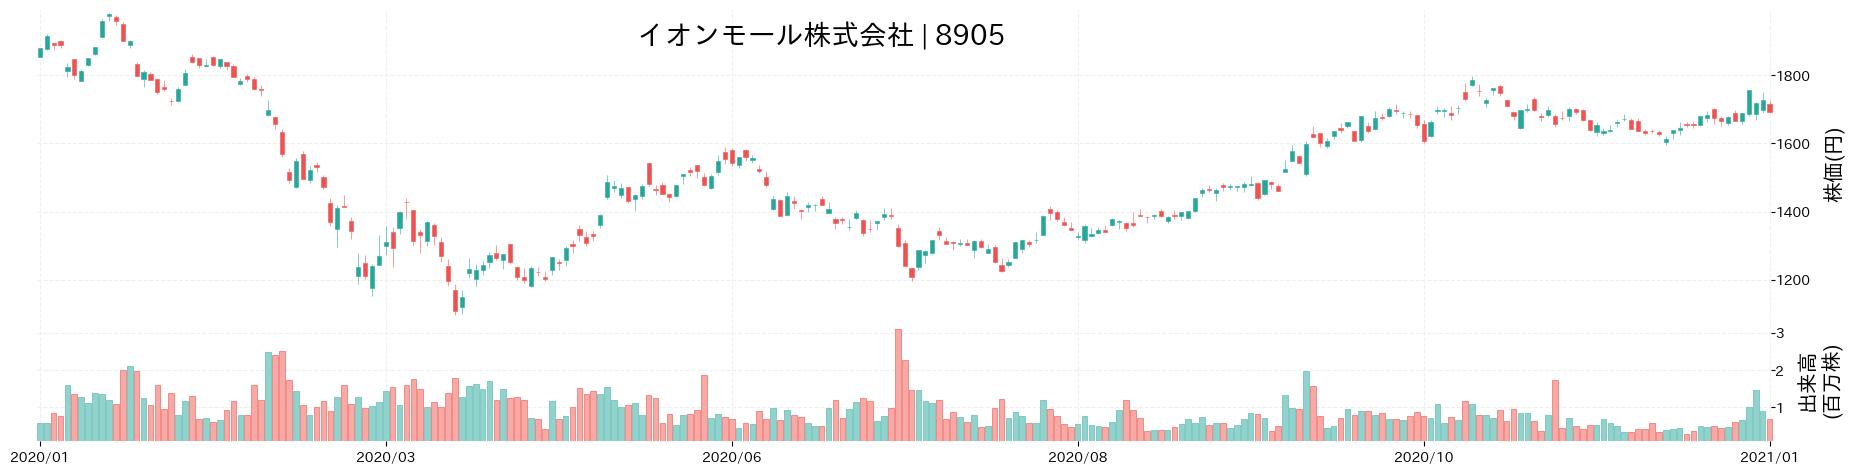 イオンモール株式会社の株価推移(2020)